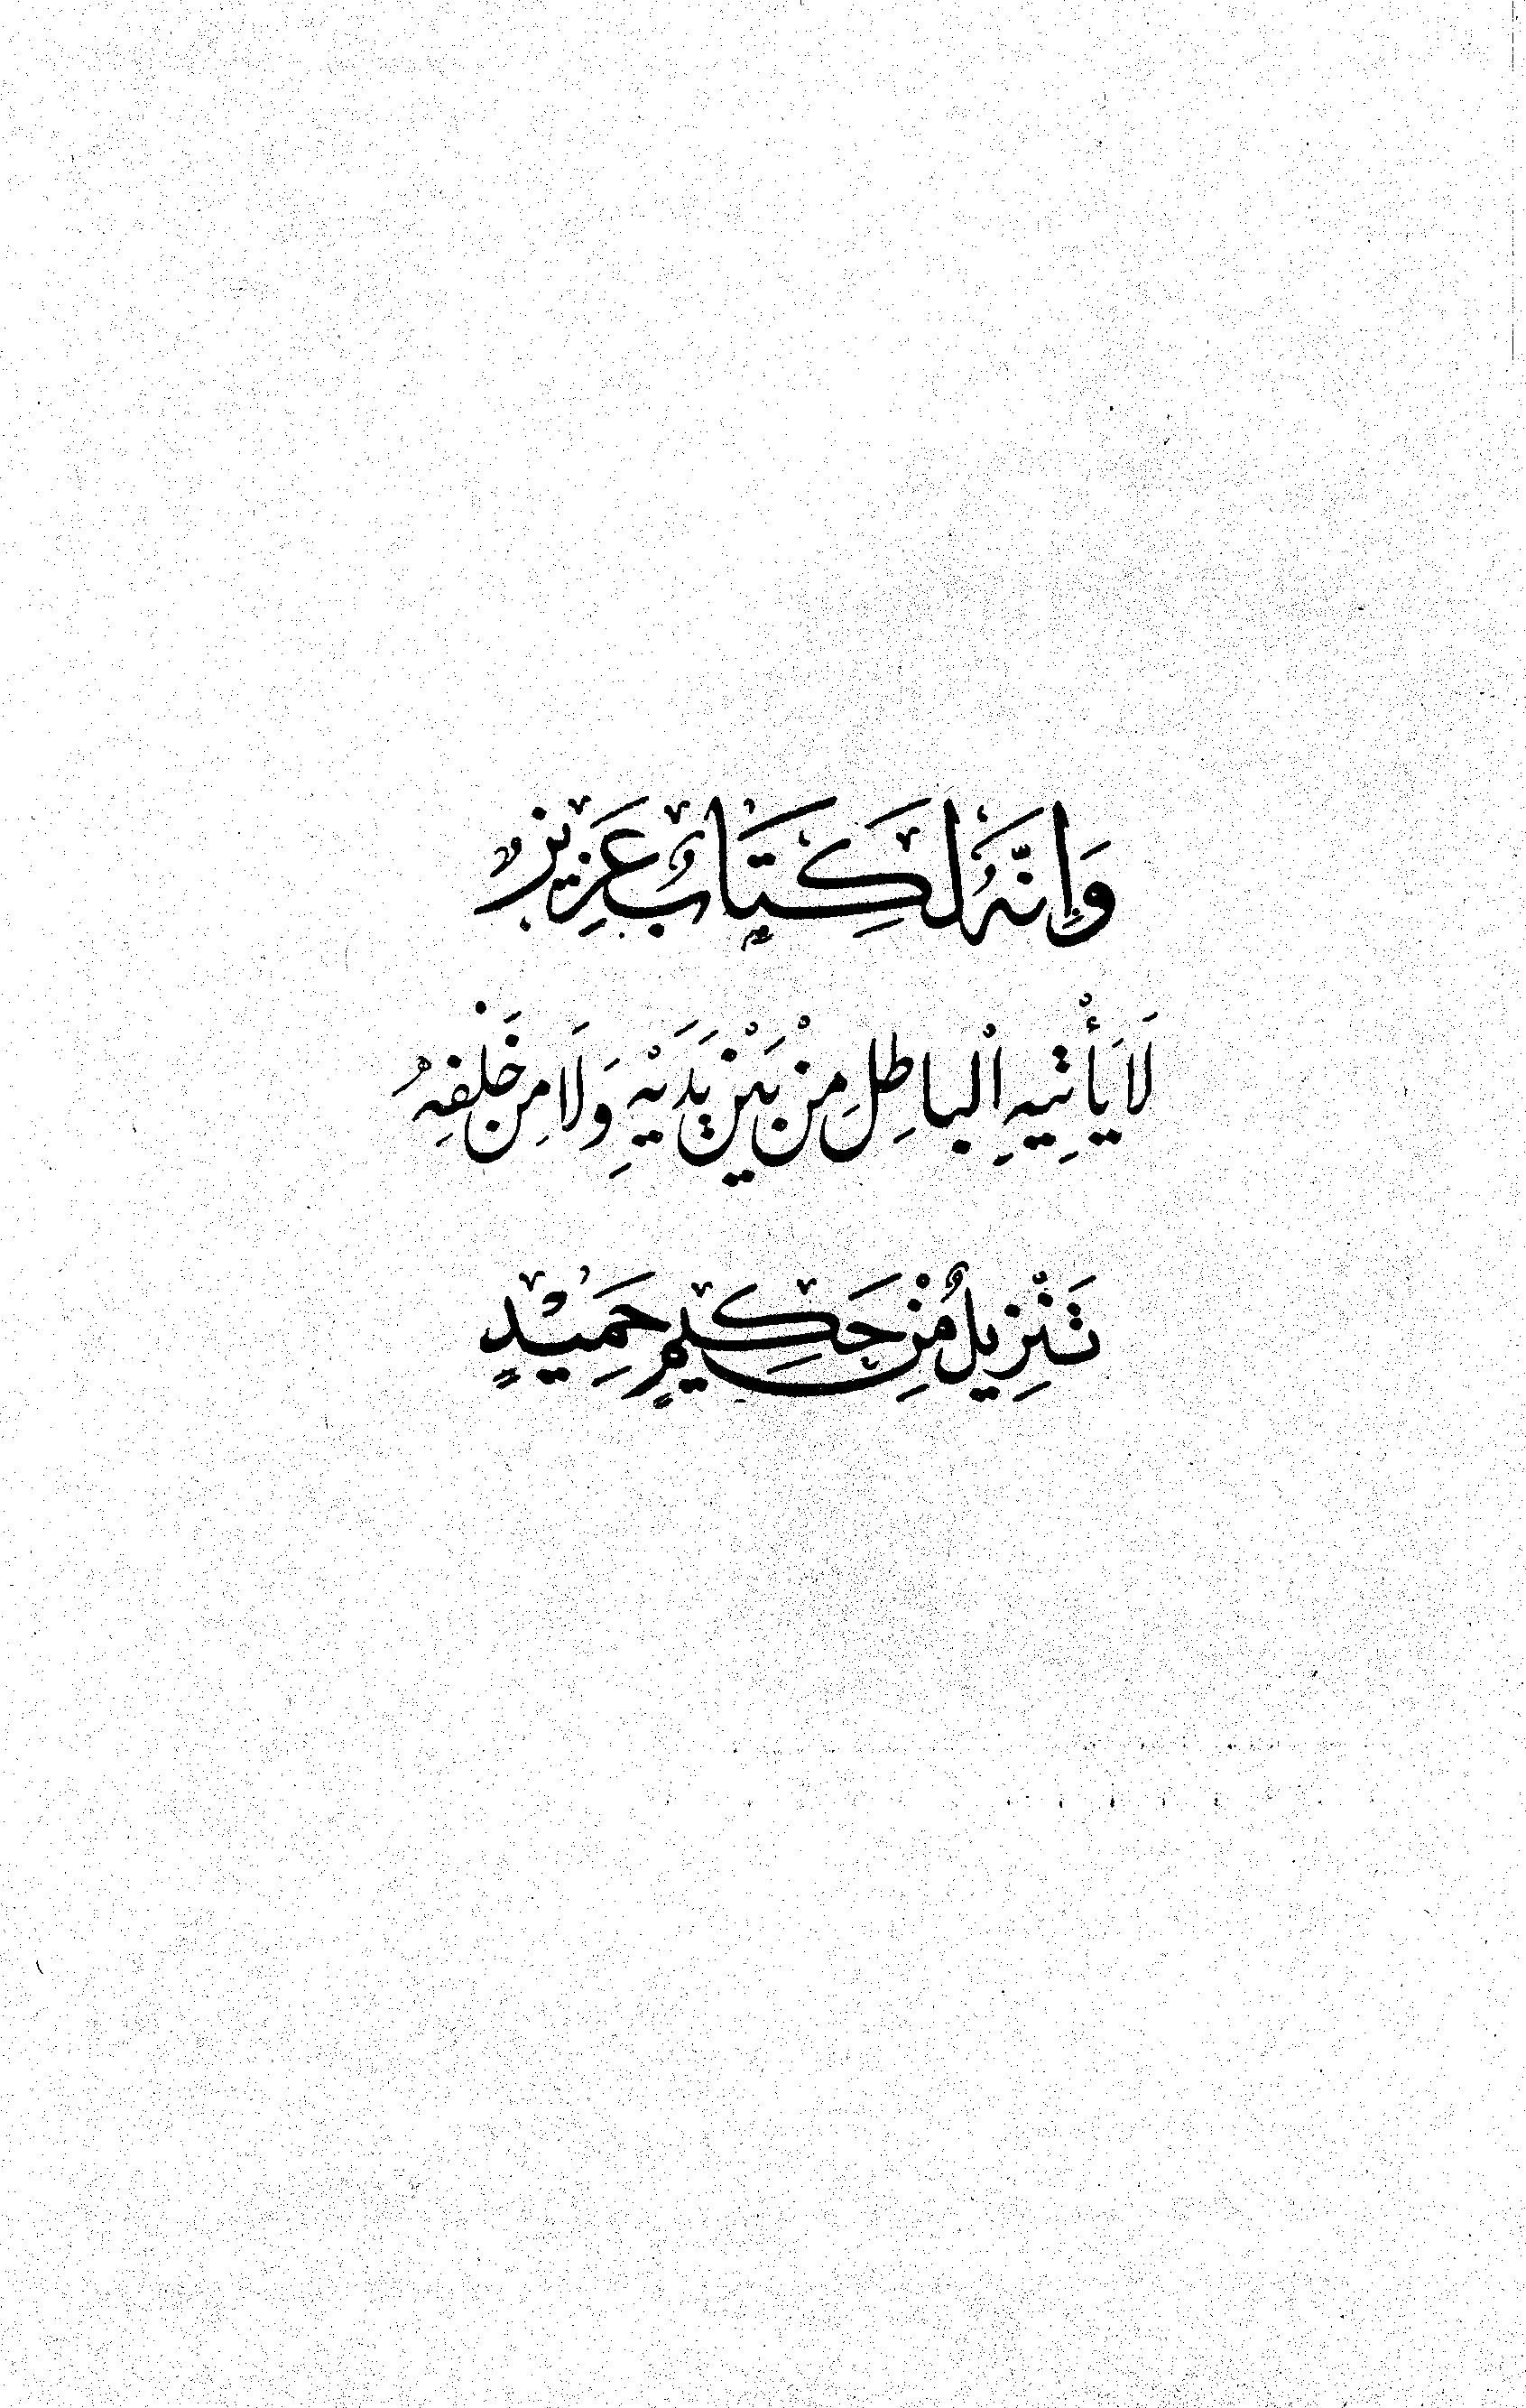 تحميل كتاب أوضح التفاسير (محمد الخطيب) لـِ: الشيخ محمد محمد عبد اللطيف بن الخطيب (ت 1402)